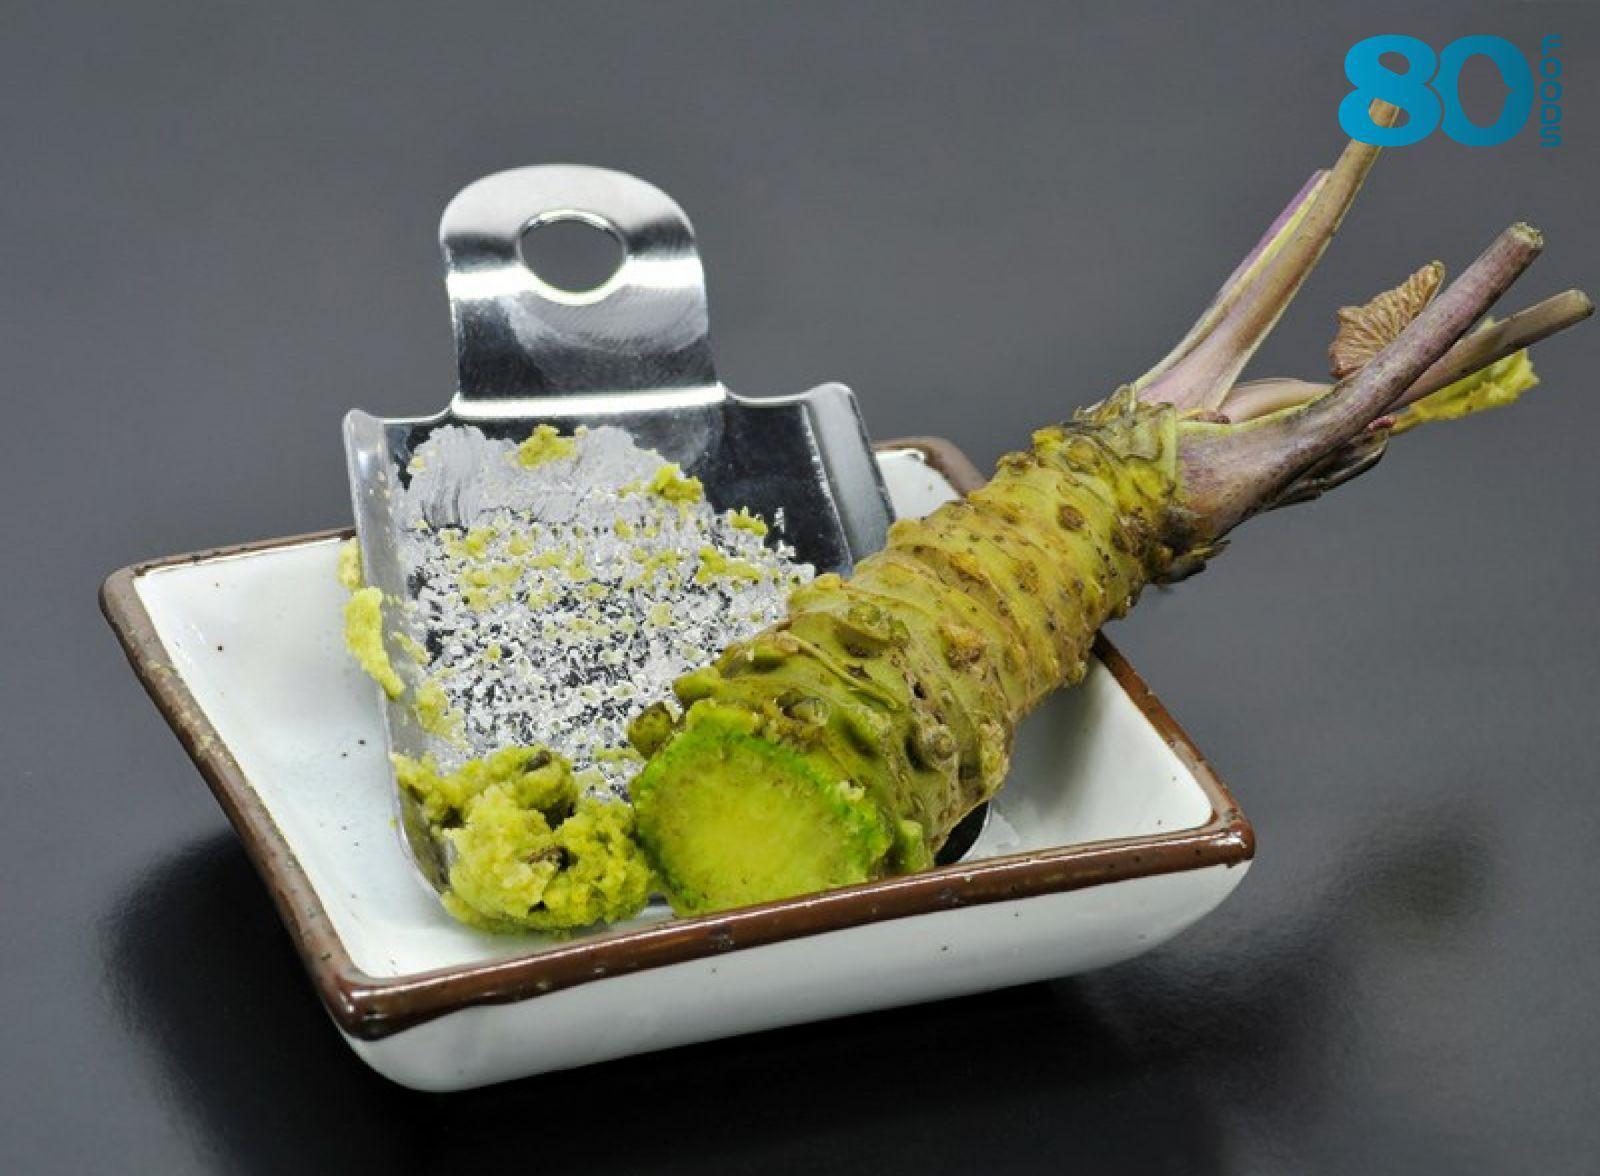 Mù tạt tuyp NERI WASABI S&B Nhật Bản